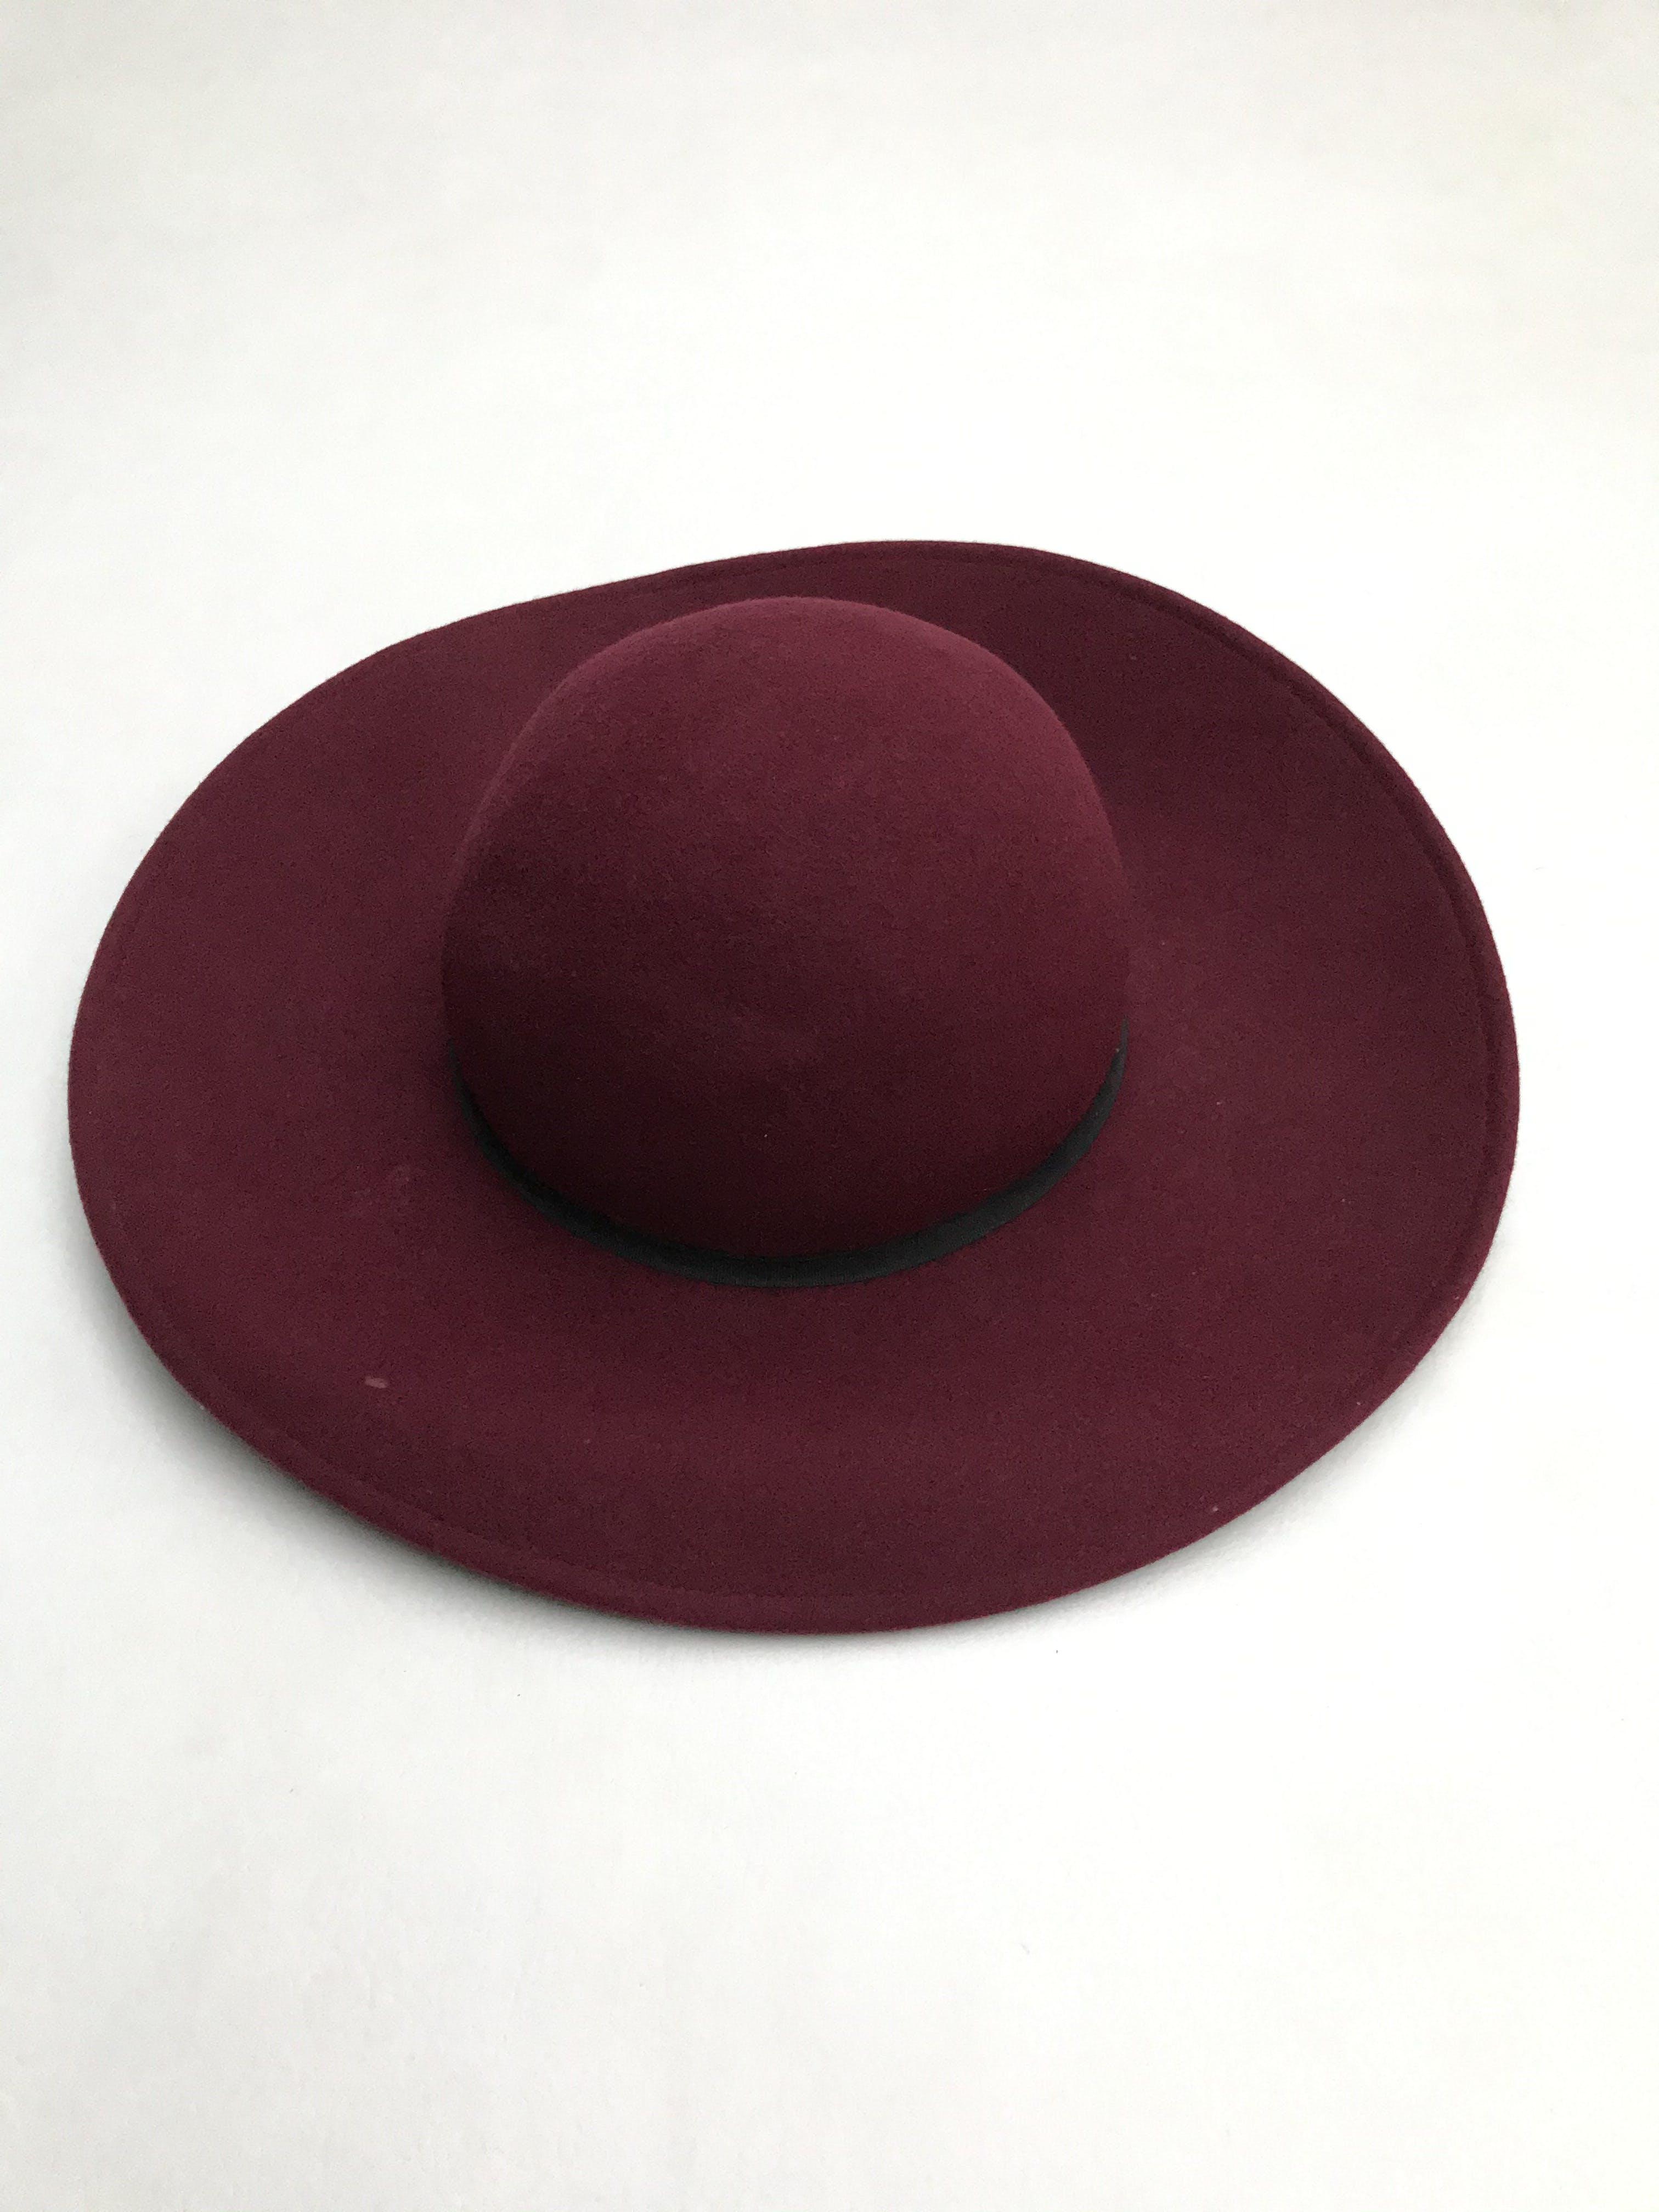 Sombrero de paño guinda con cinto negro. Tiene una marquita visible en la foto.